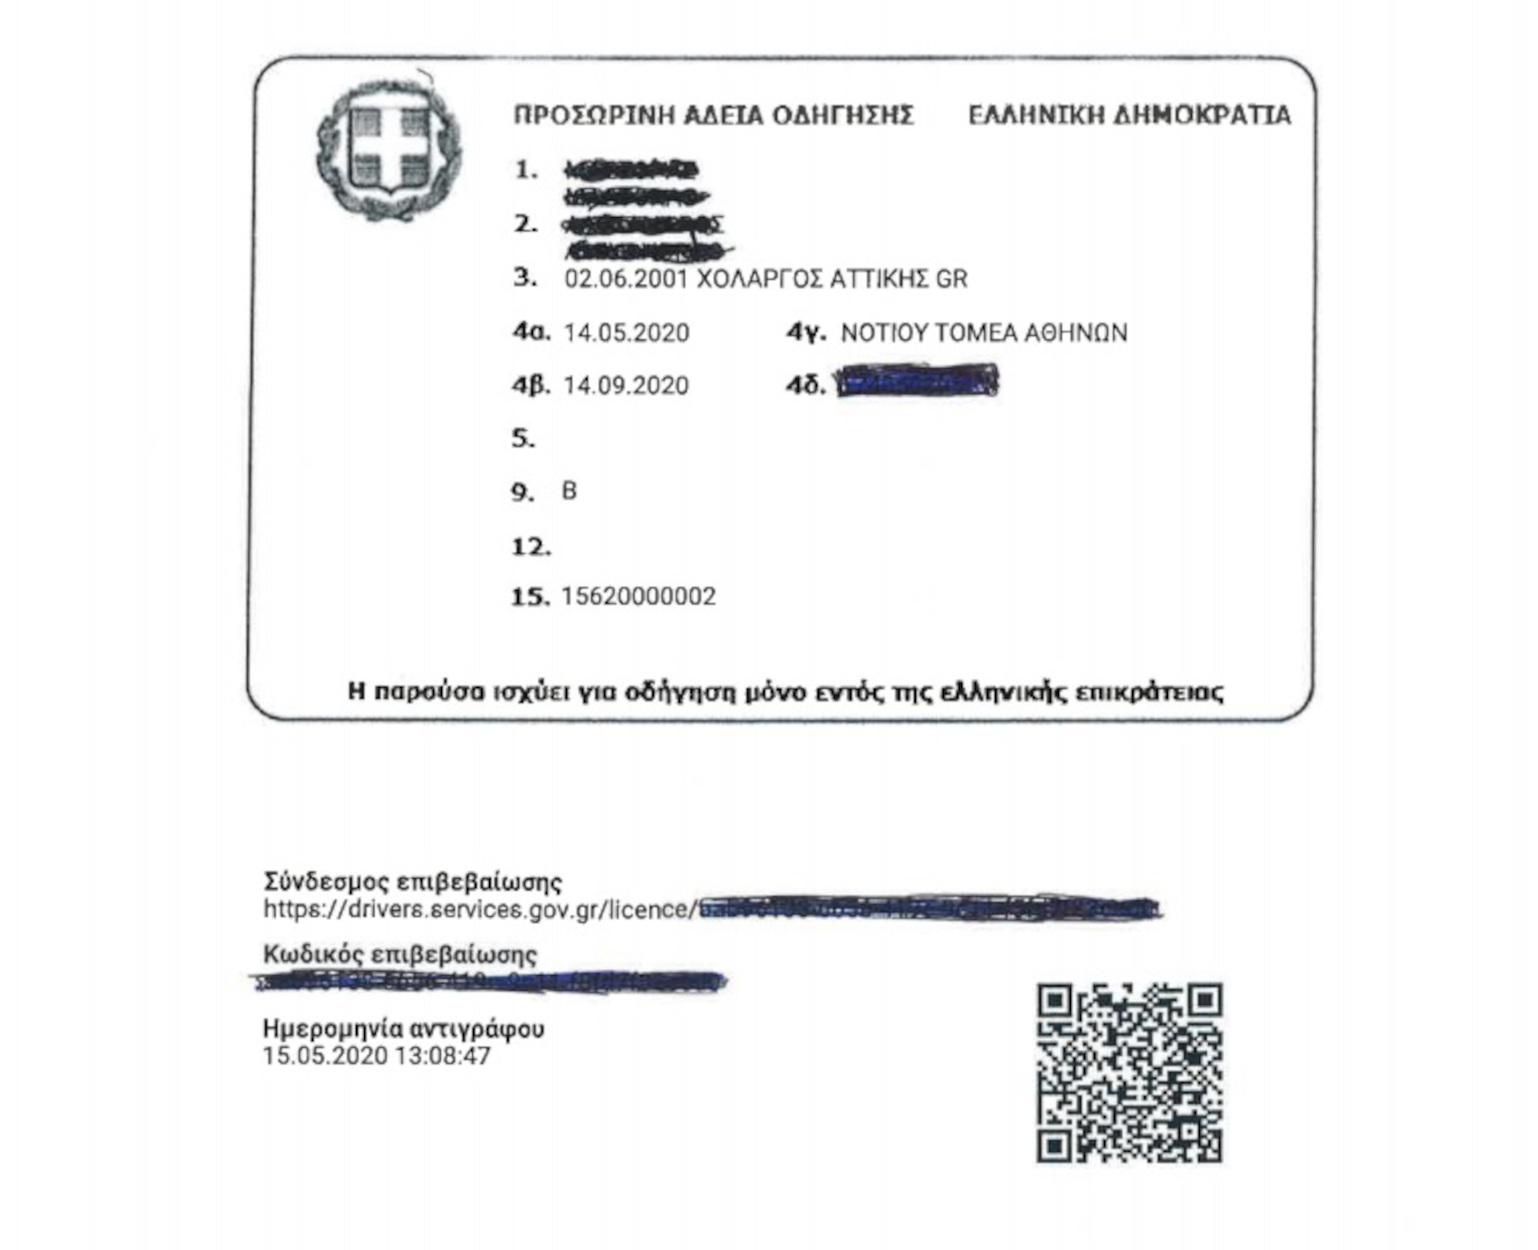 Διπλώματα οδήγησης: Αντίγραφο με μερικά… «κλικ» – Άνοιξε η πλατφόρμα για όλη την Ελλάδα